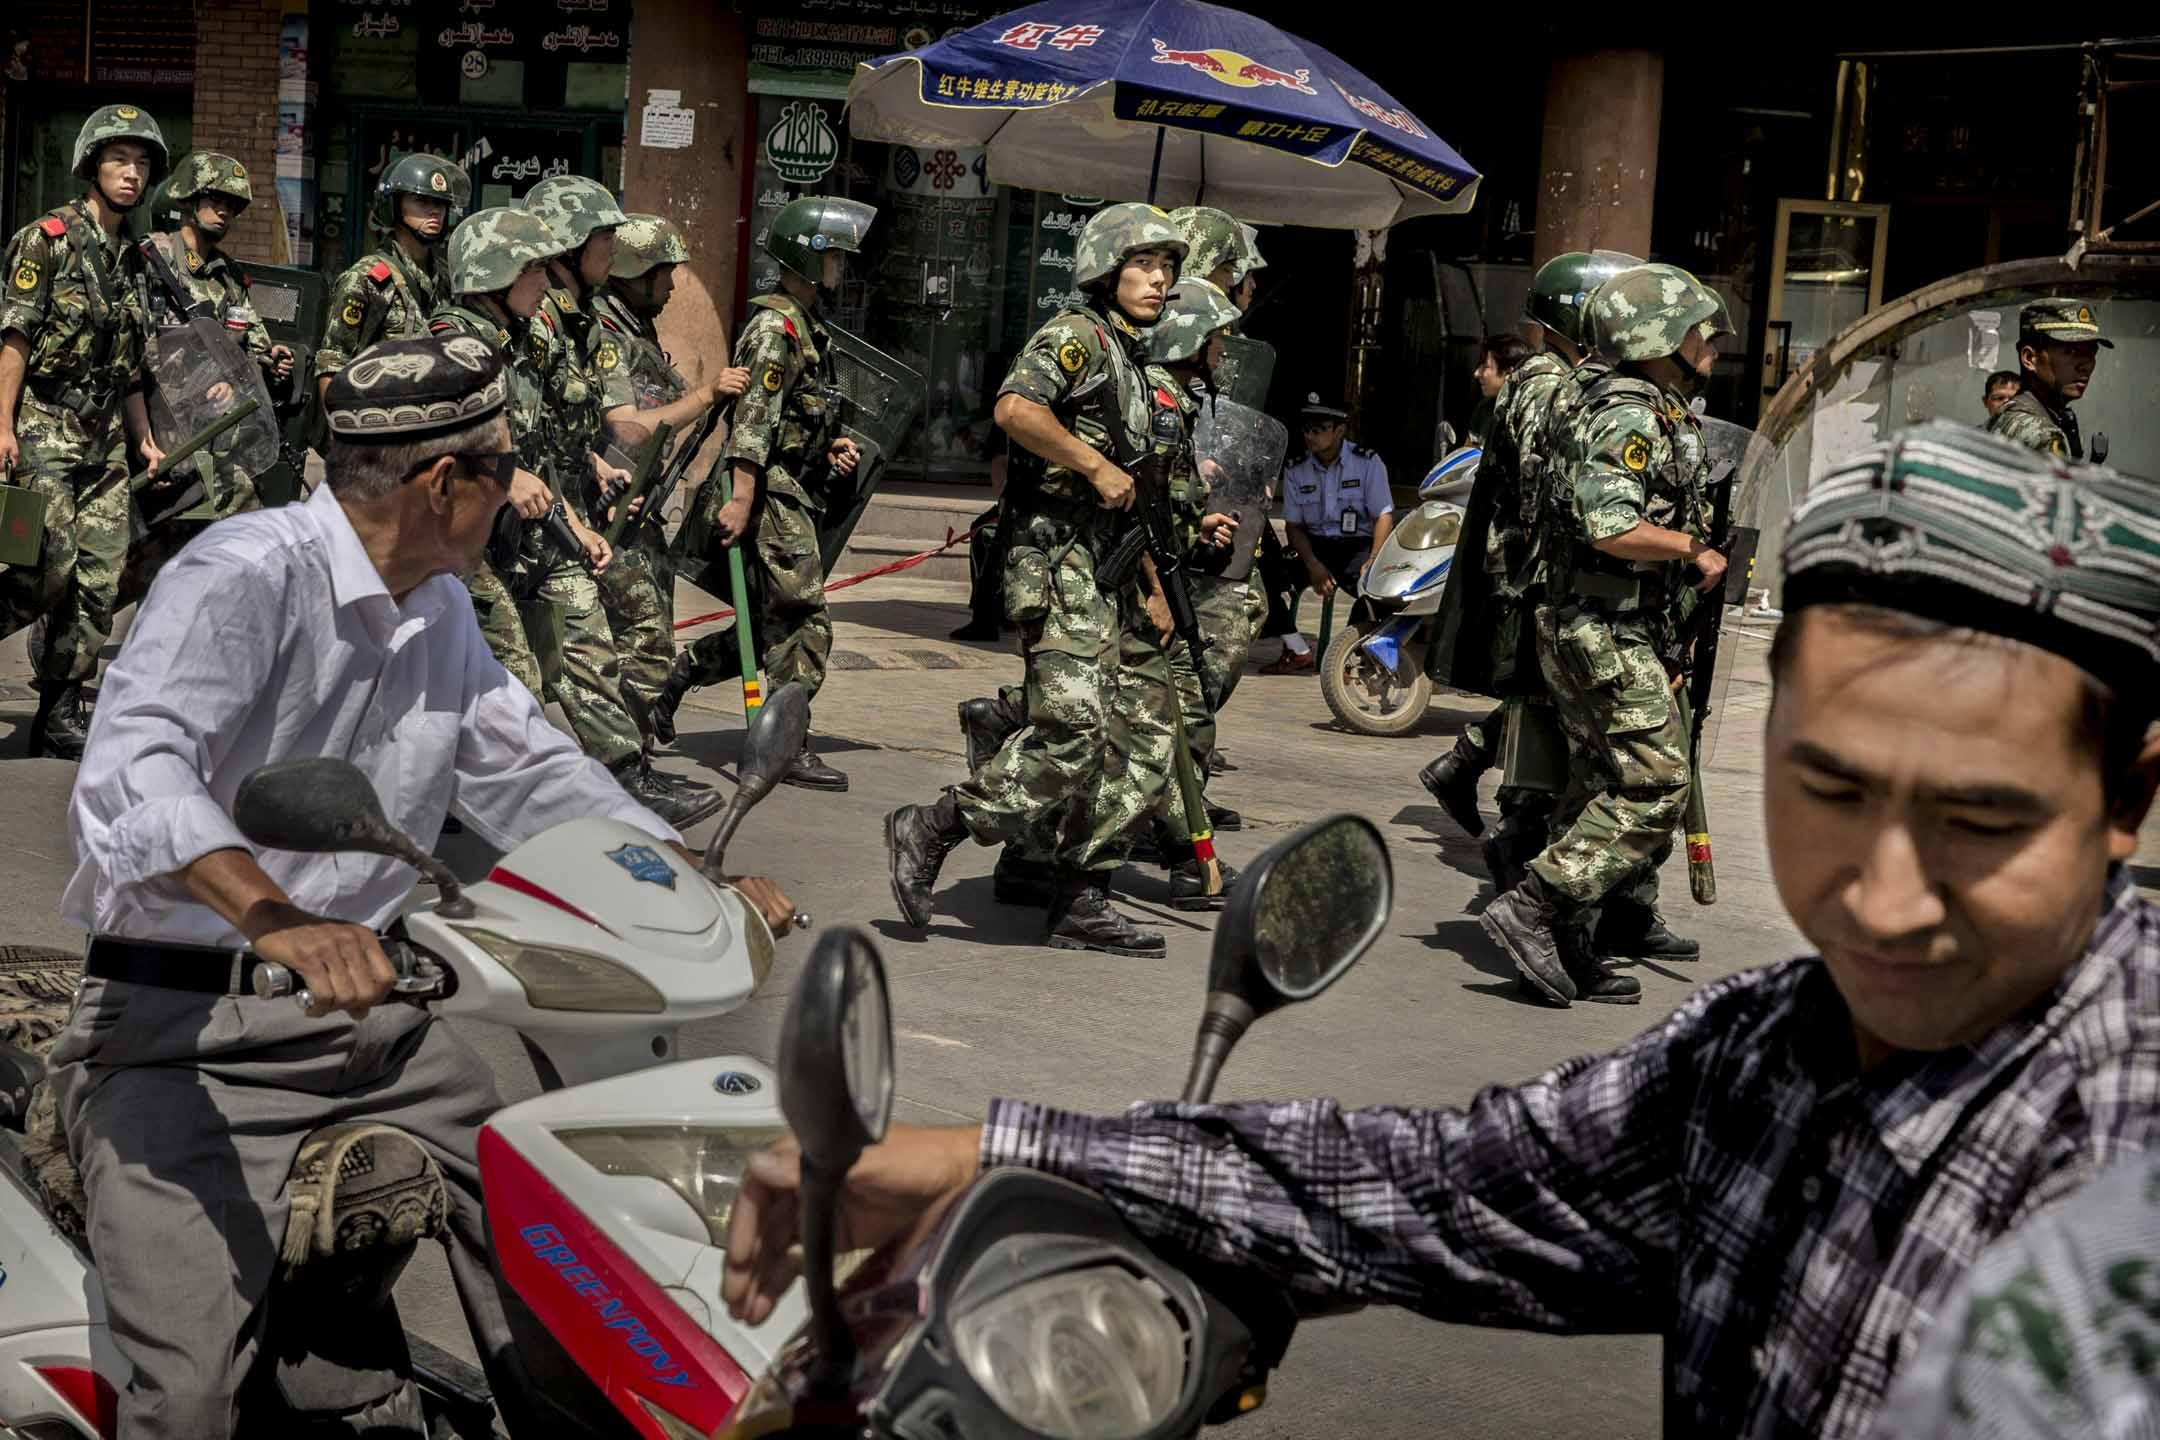 2014年7月31日,新疆維吾爾自治區,武警在一間清真寺附近巡邏。 攝:Getty Images